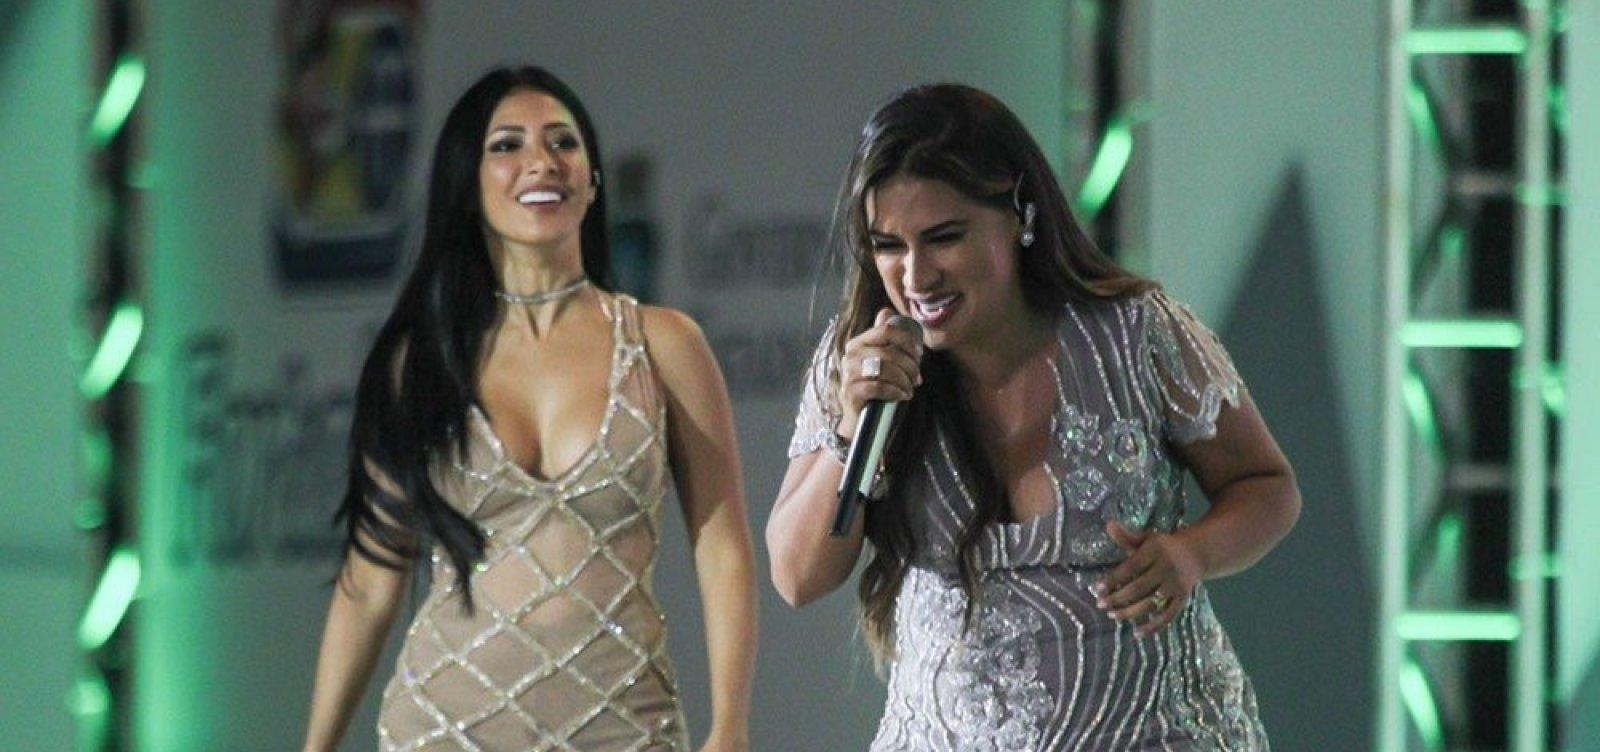 Simone e Simaria anunciam pausa na carreira após problemas de saúde